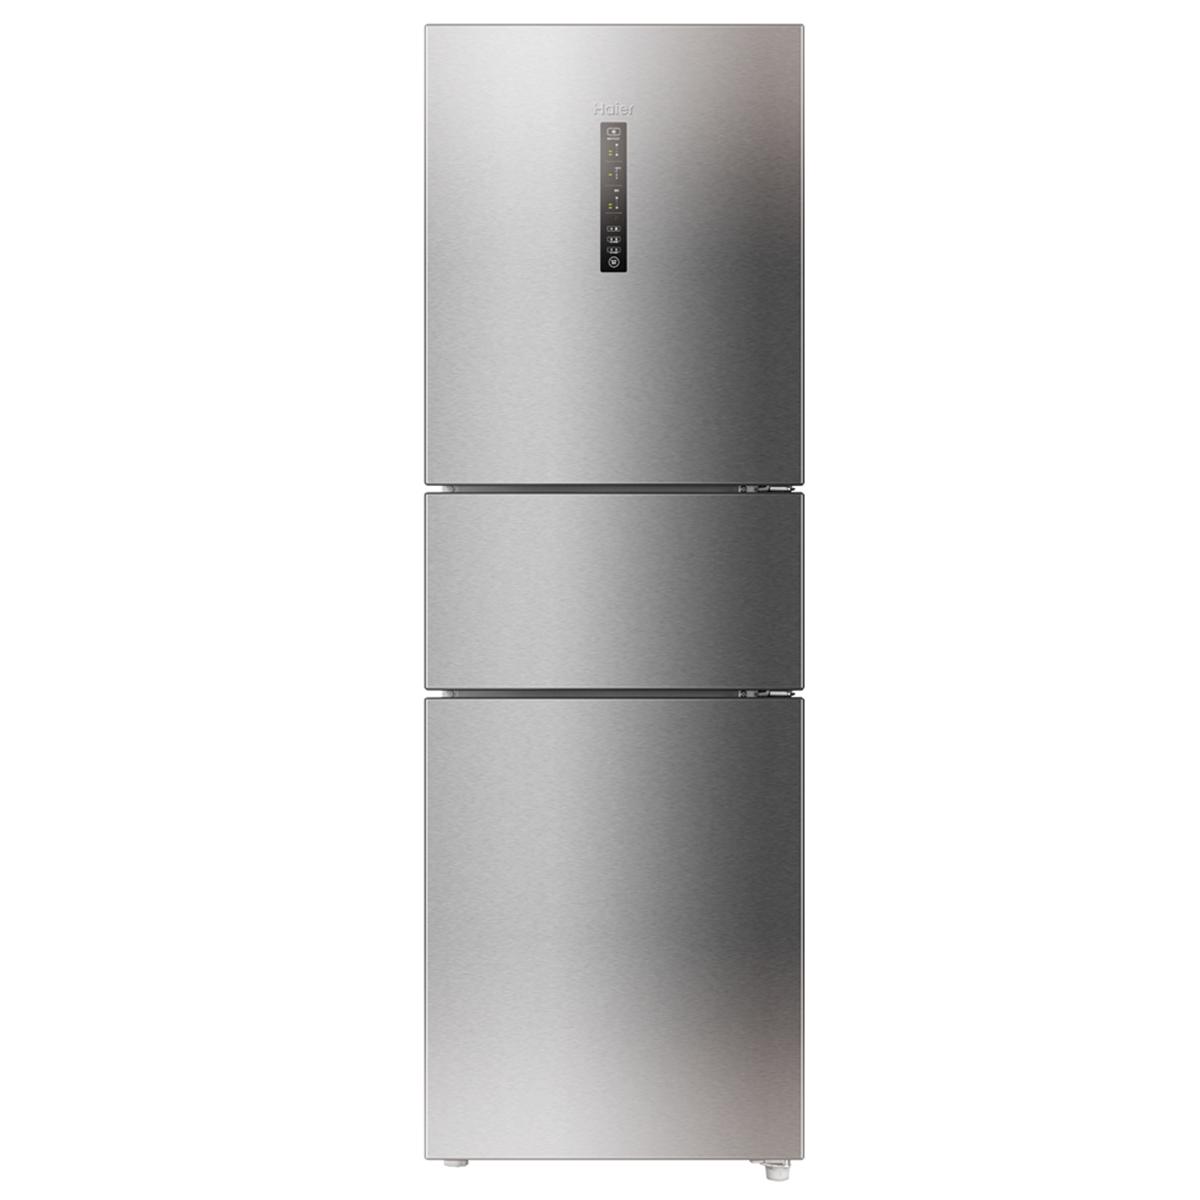 海尔Haier冰箱 BCD-260WDBD 说明书